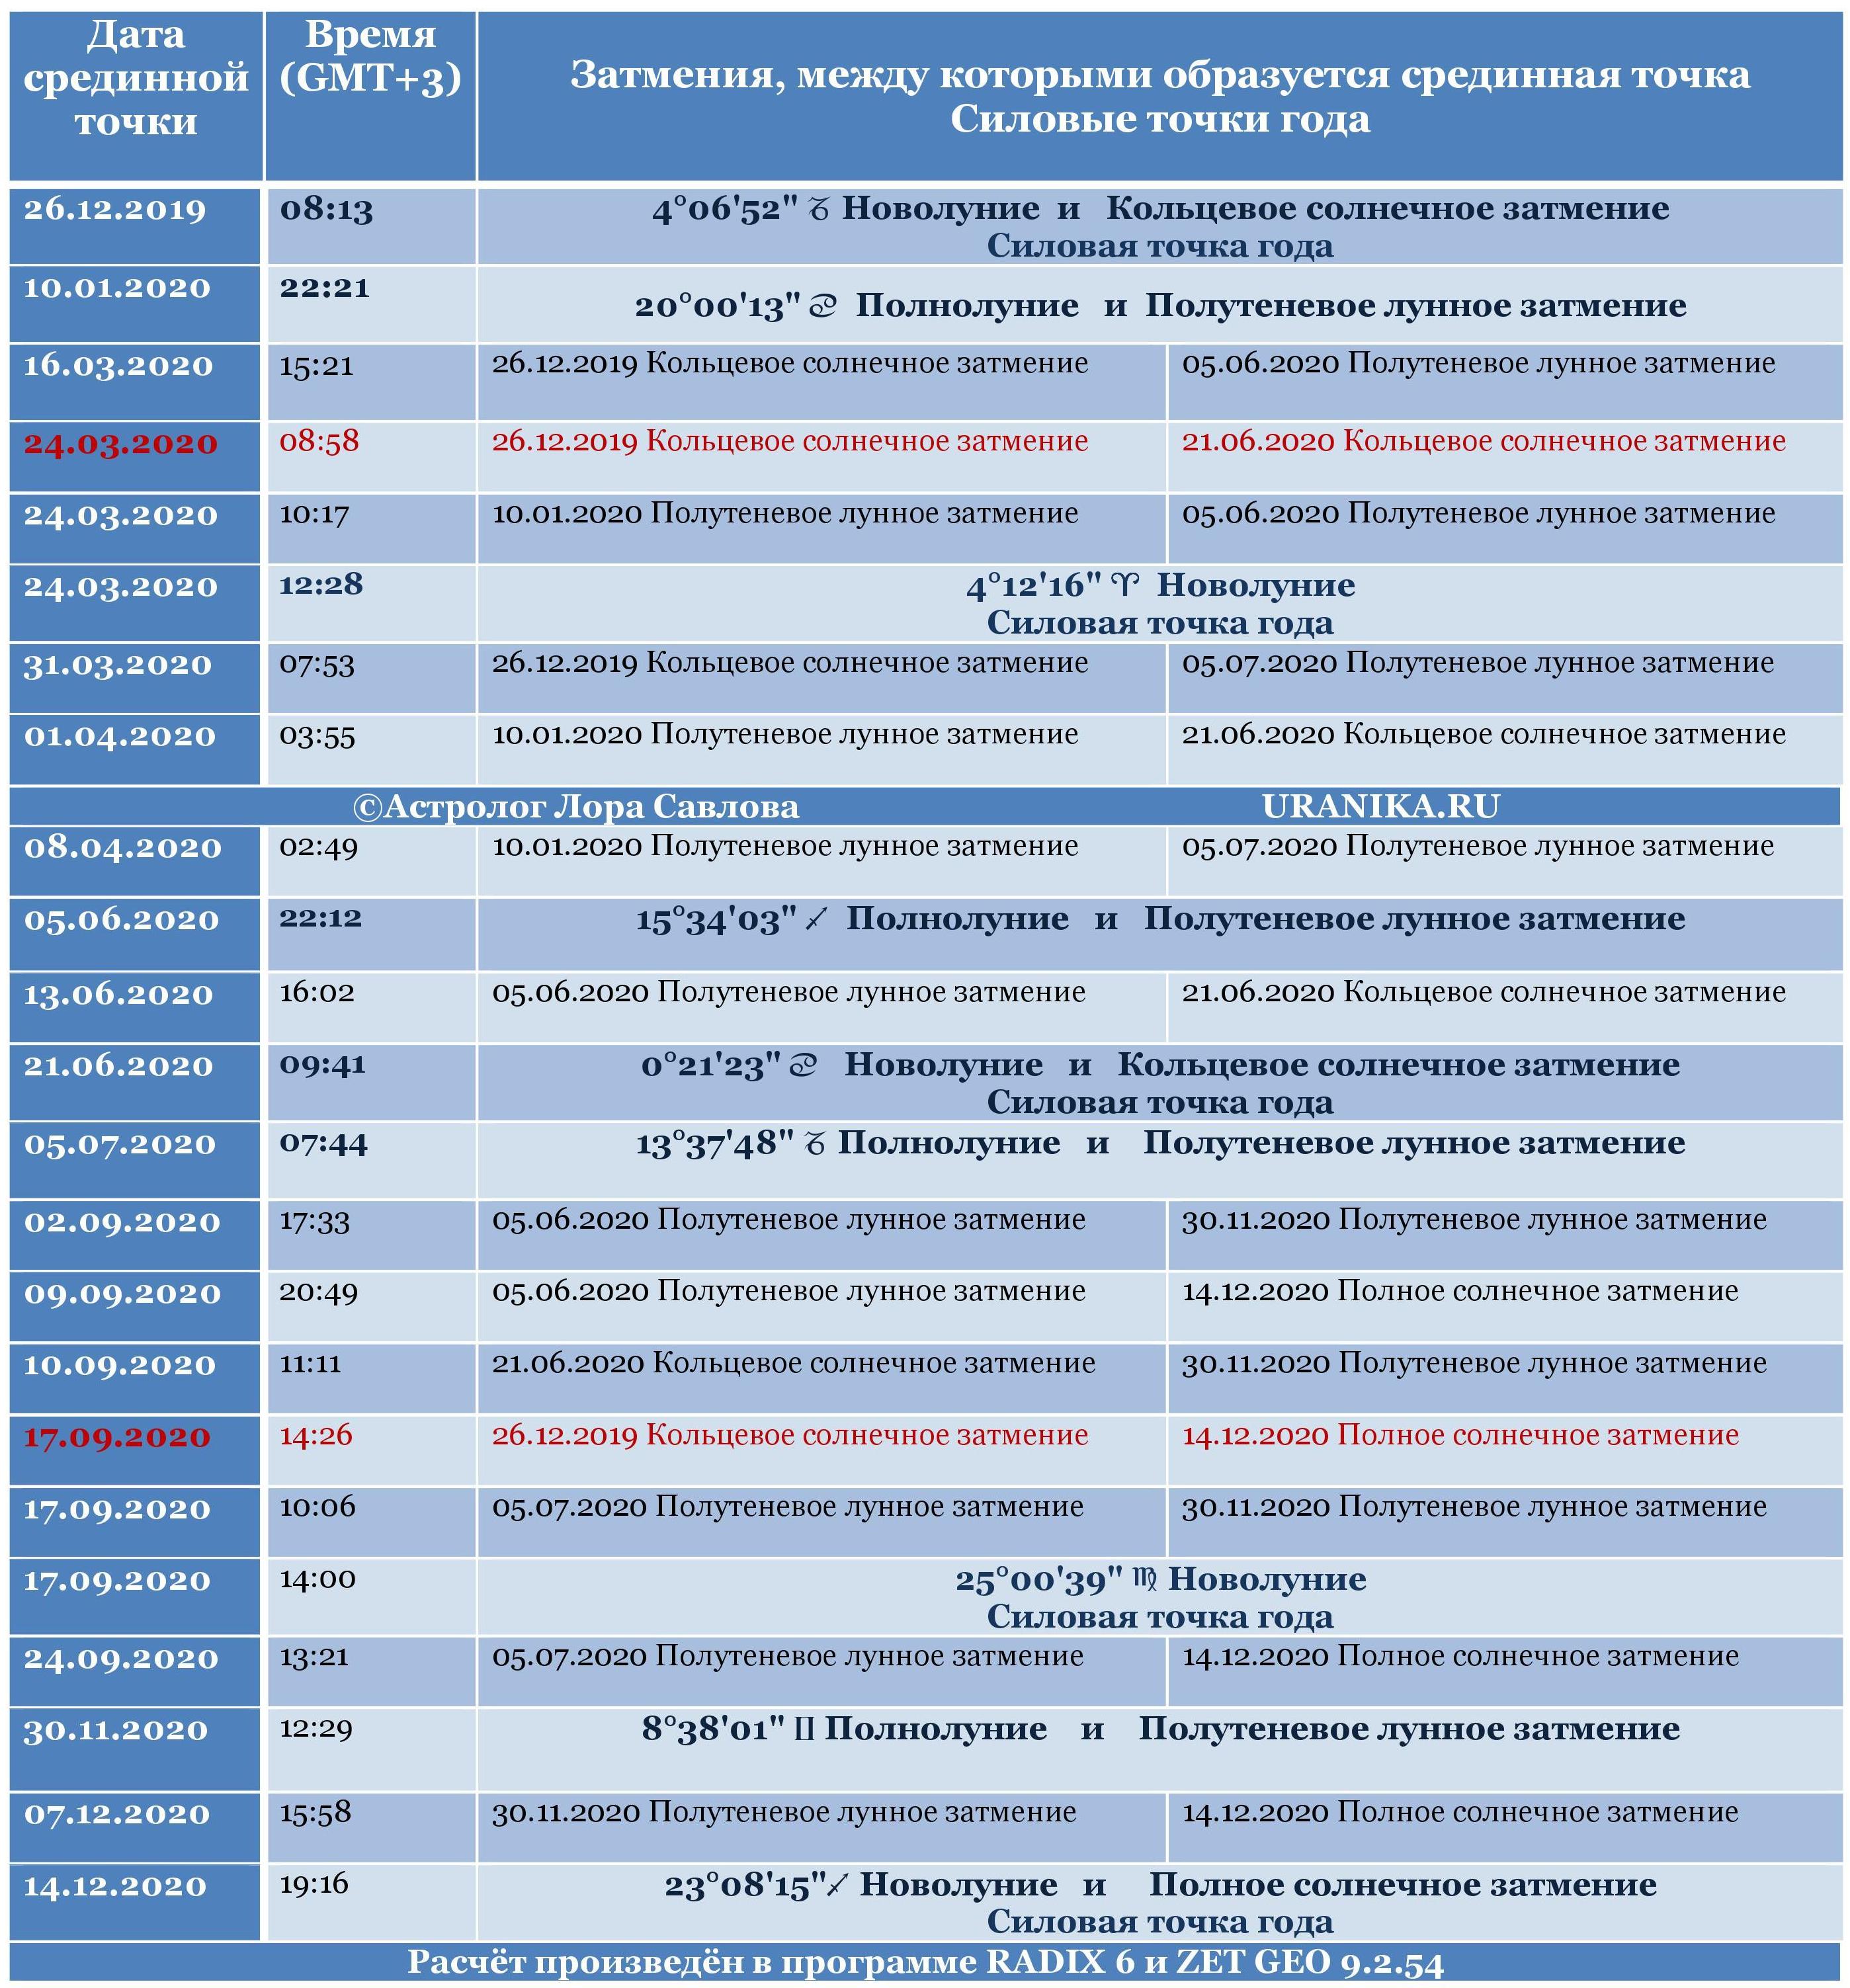 silovyj tochki 2020 goda 1 - Срединные и силовые точки 2020 года